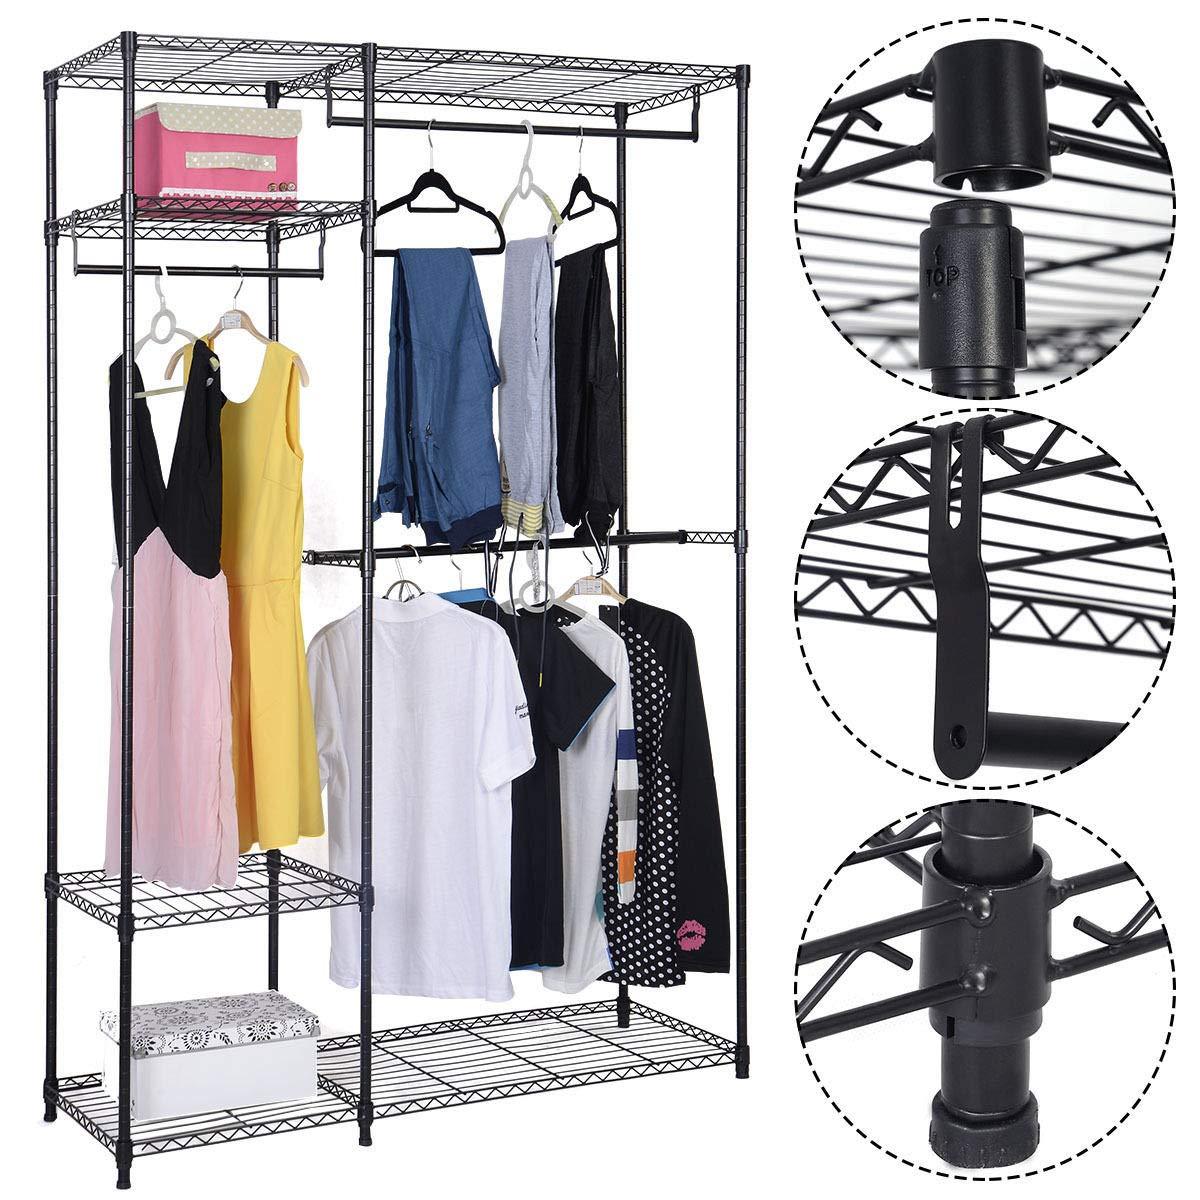 Tangkula Garment Rack DIY Portable Home Metal Clothes Hanger Closet Organizer (multilayer)